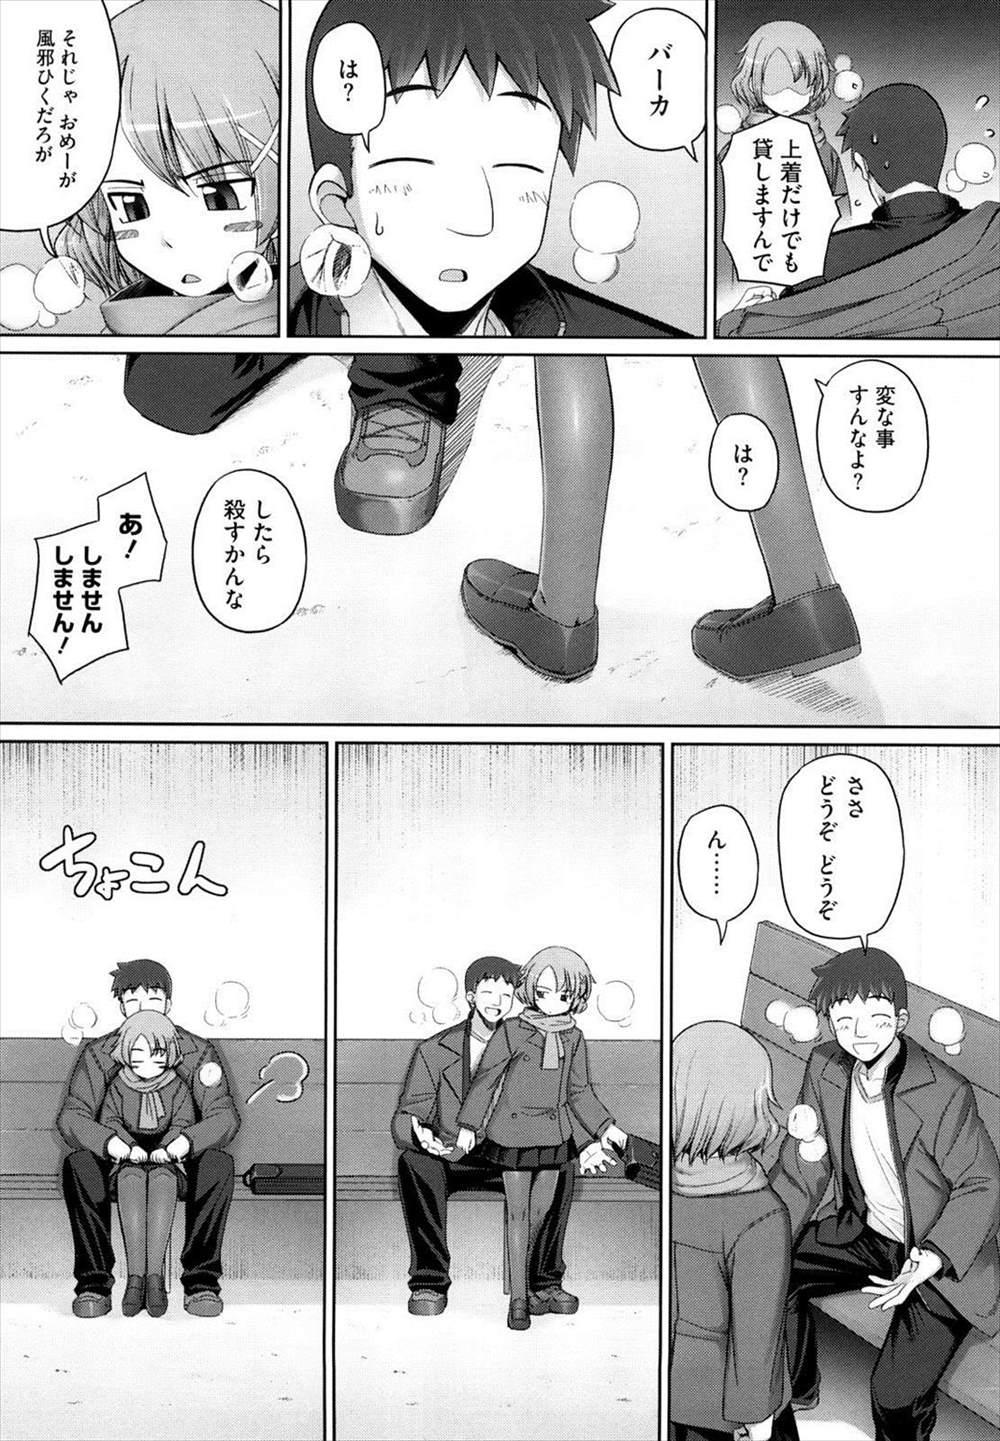 【エロ漫画】バスに乗り遅れたカップルが野外プレイ…黒パンスト破って生挿入中出しイチャラブセックスww【無望菜志:寒度良好】